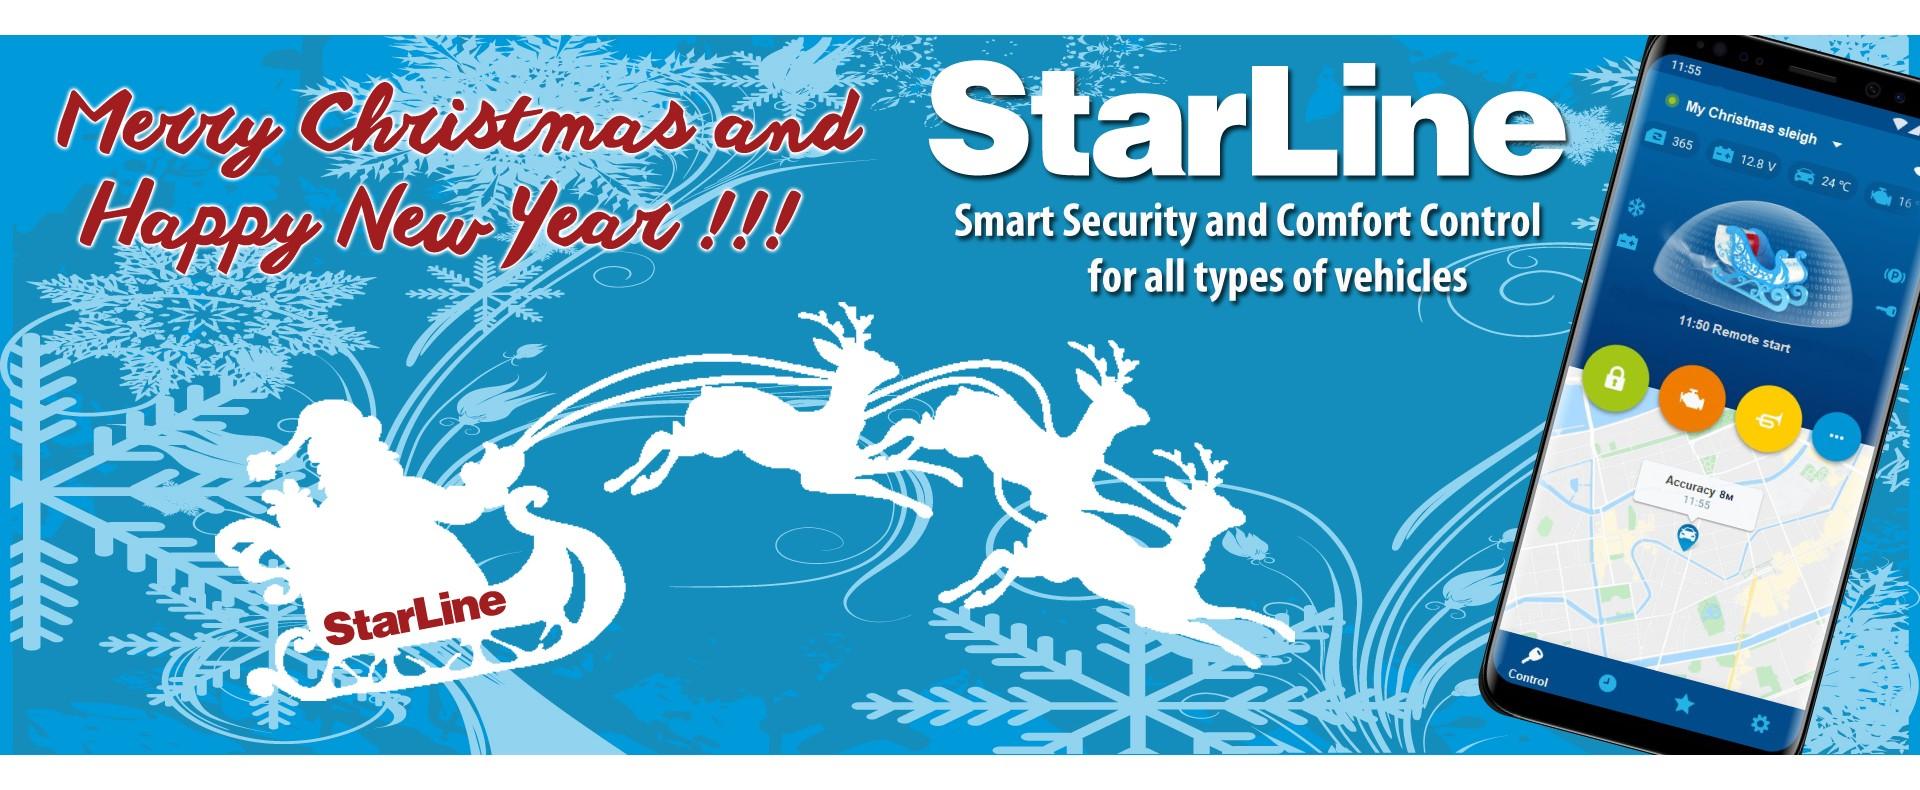 StarLine Xmas Greetings!